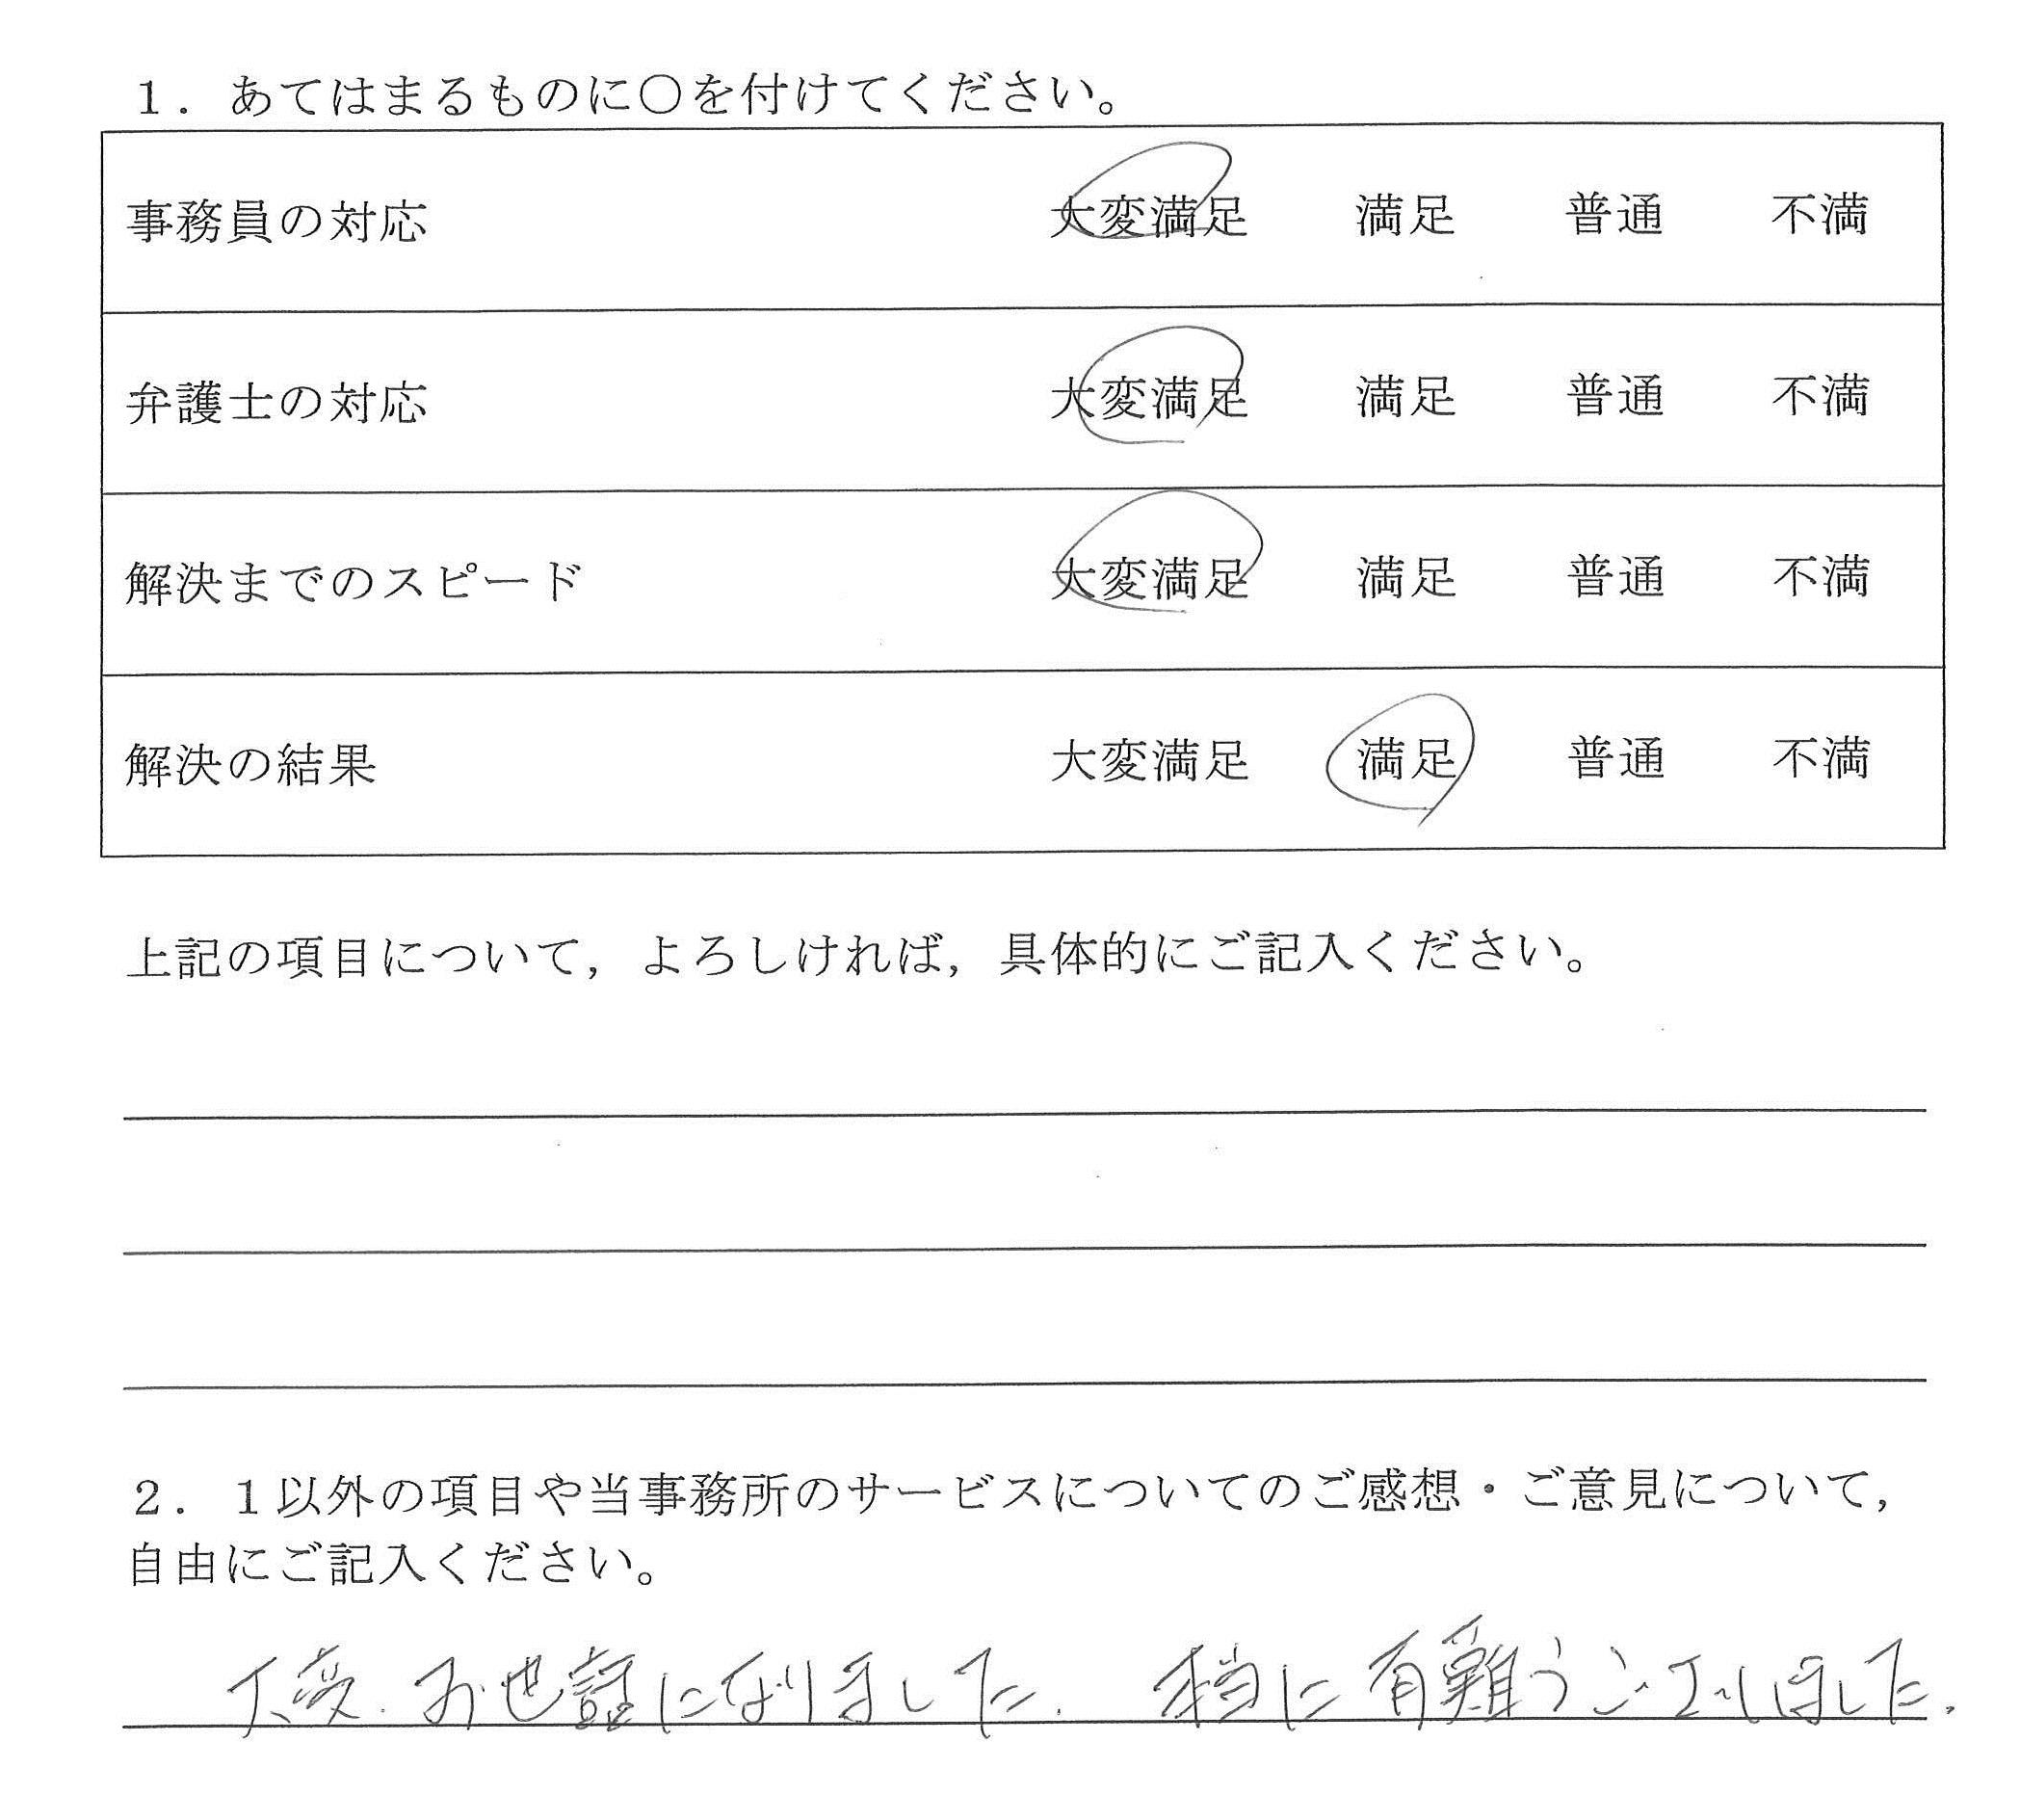 大阪府50代女性(債務整理)の依頼者様の声 : 大変お世話になりました。本当に有難うございました。